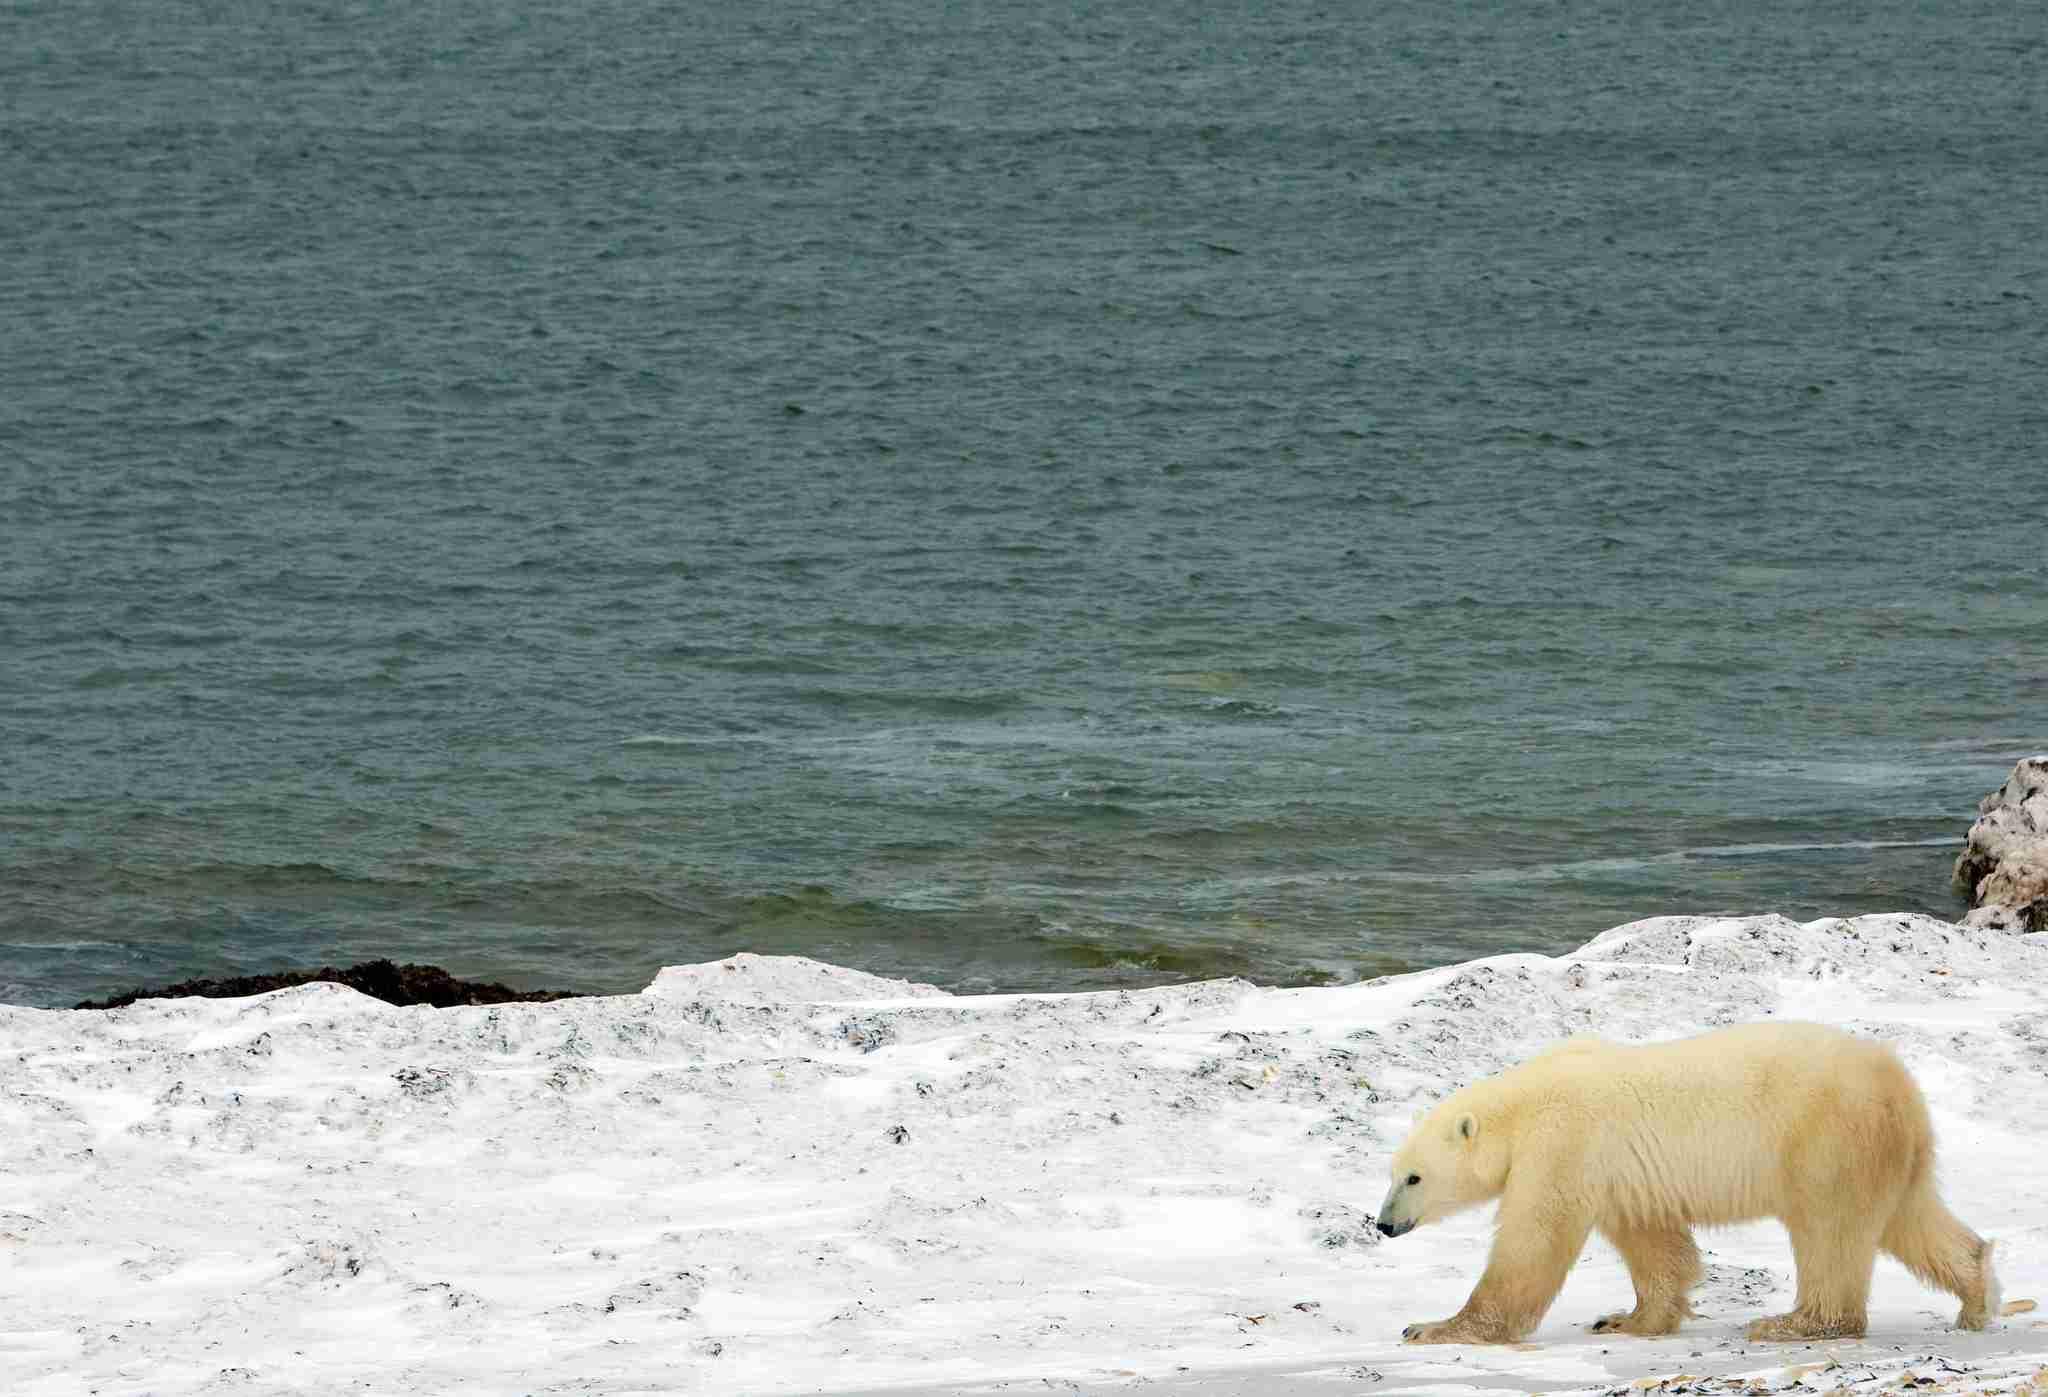 北極圏の海底から謎の音、動物も消えた? カナダ軍が調査へ (AFP=時事) - Yahoo!ニュース